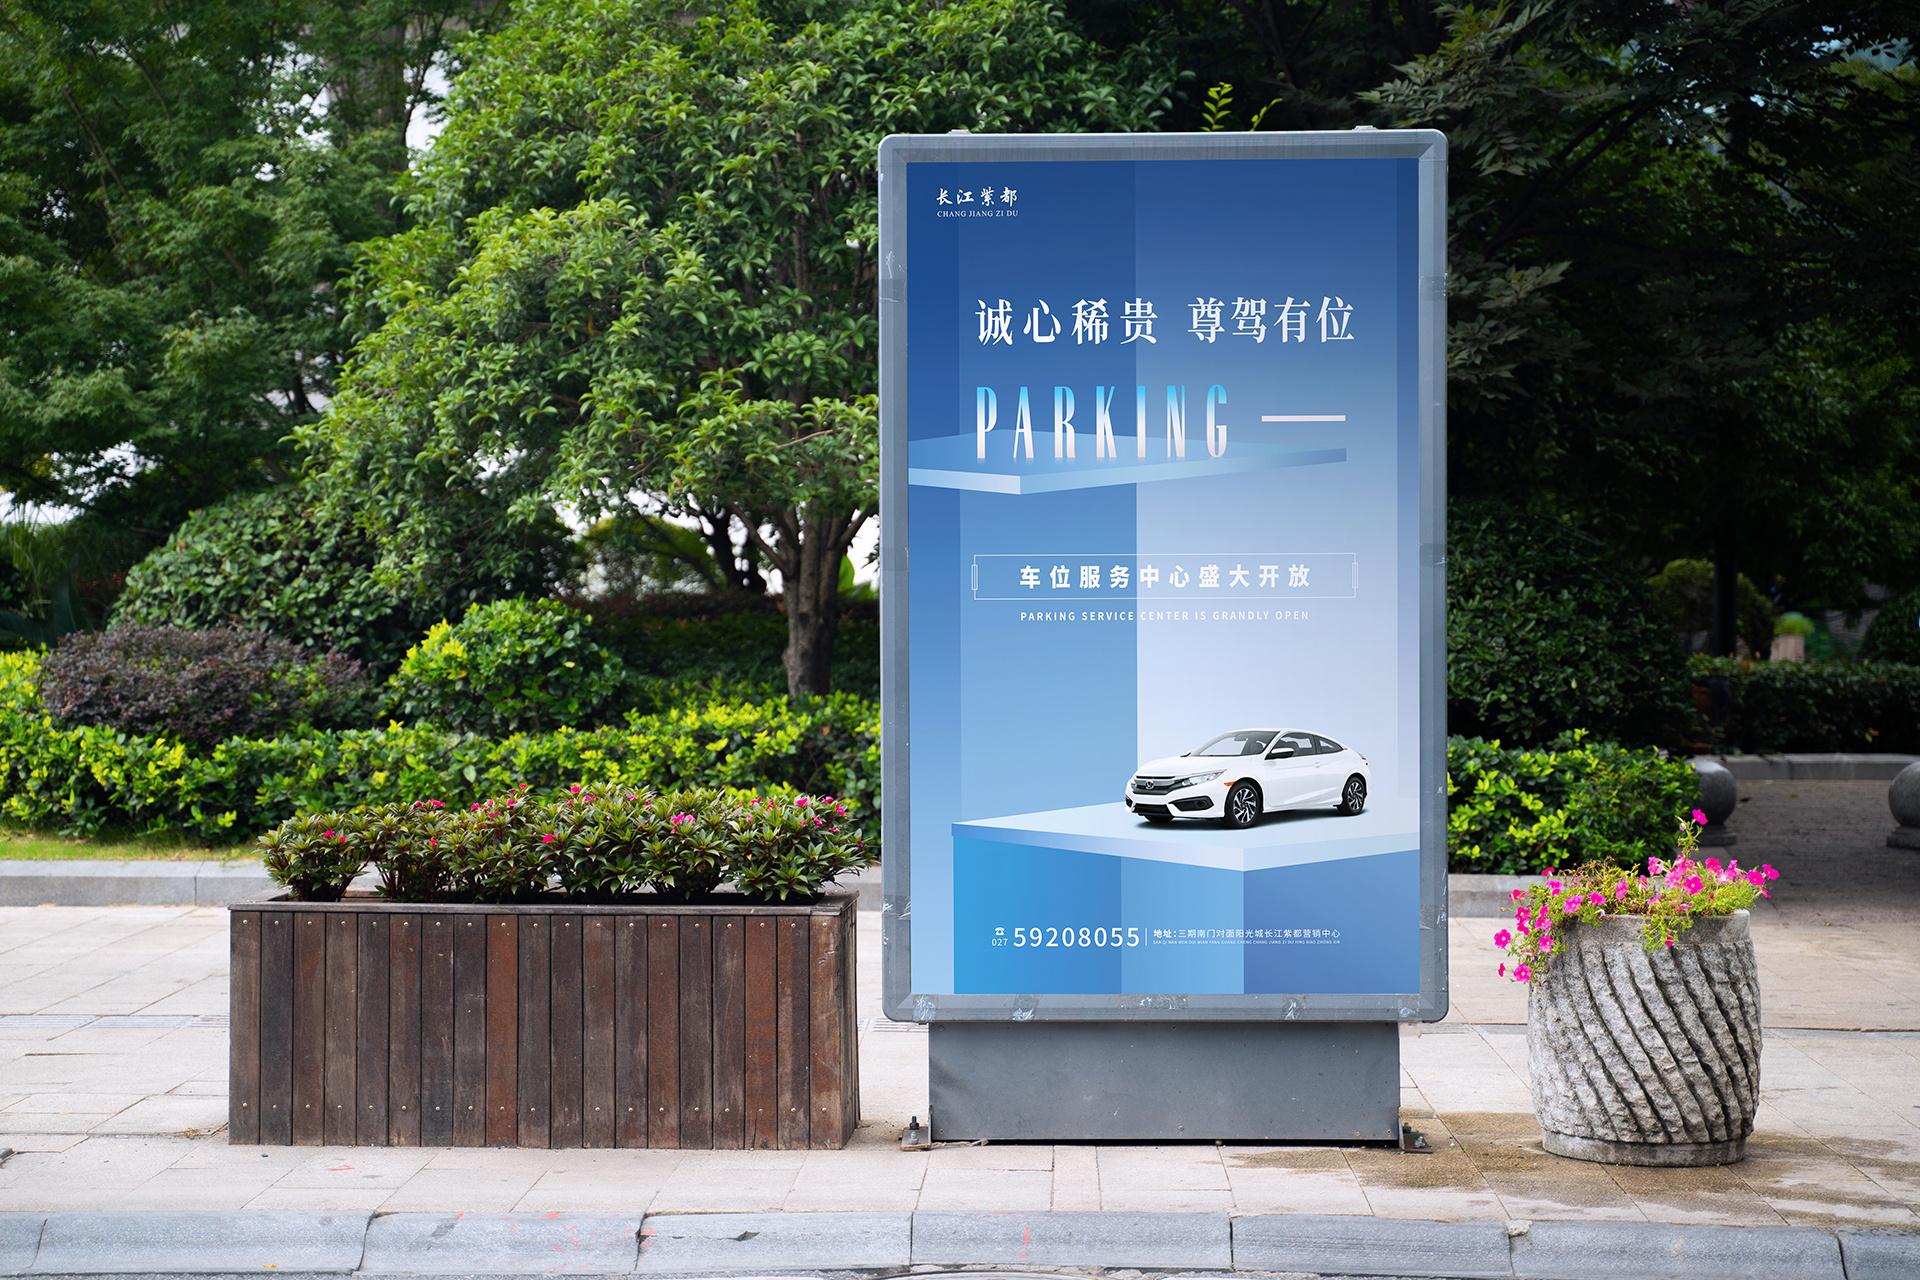 影�����#hyl$yi�_海报|平面|海报|黄艳艳hyl - 原创作品 - 站酷 (zcool)